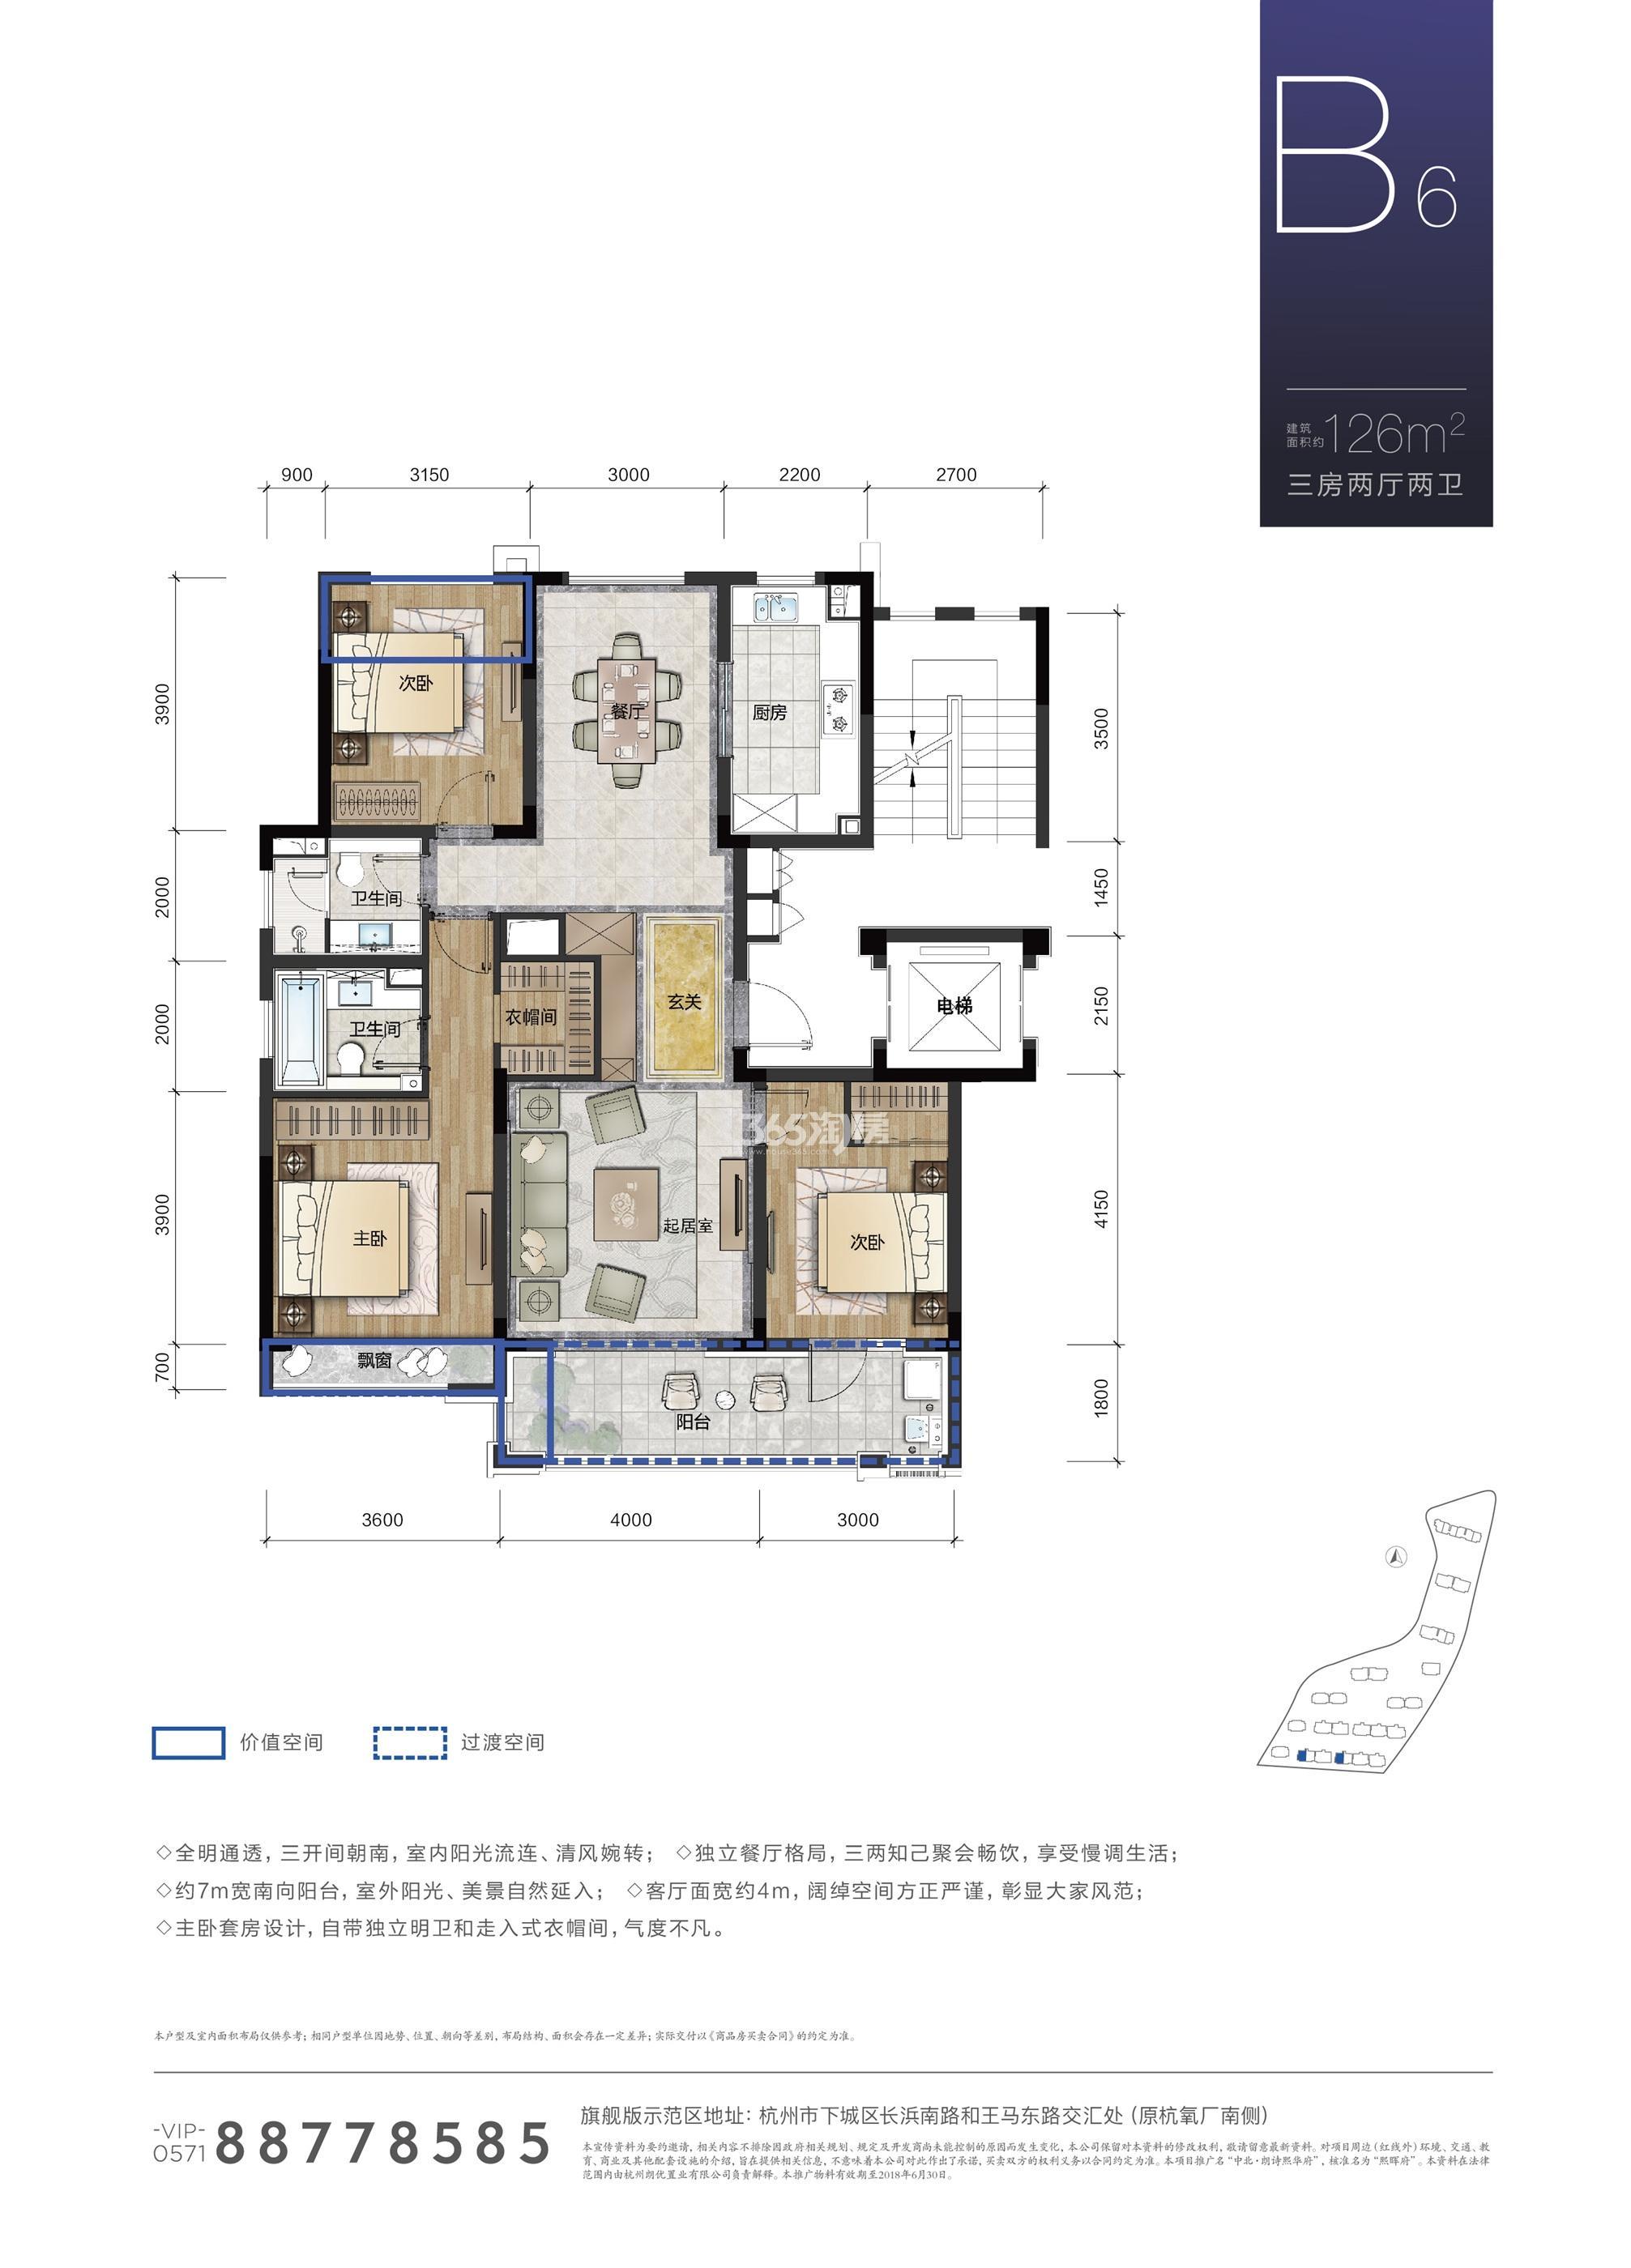 朗诗熙华府洋房6、7号楼西边套B6户型 约126㎡